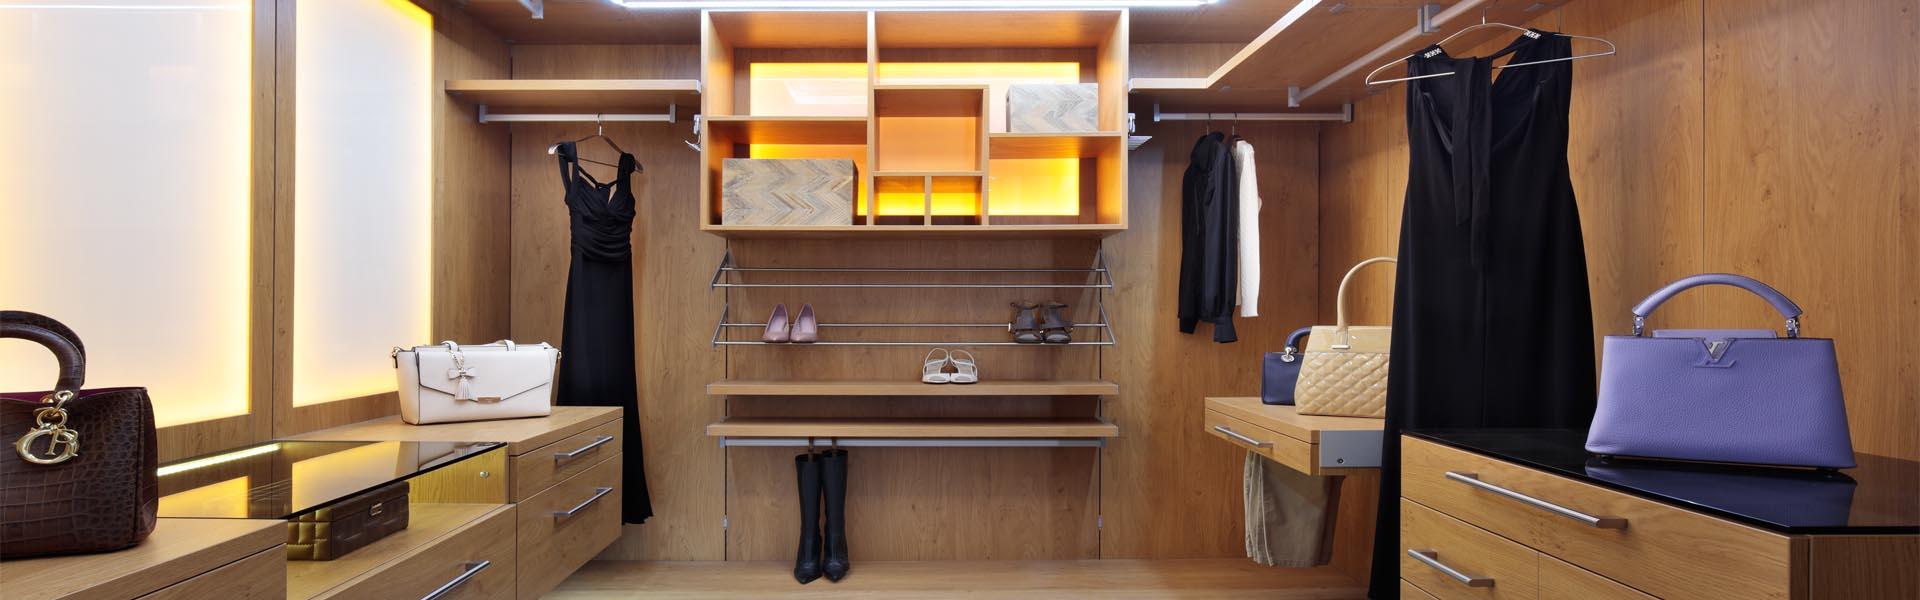 Walk in wardrobes walk in wardrobes for Best walk in wardrobes